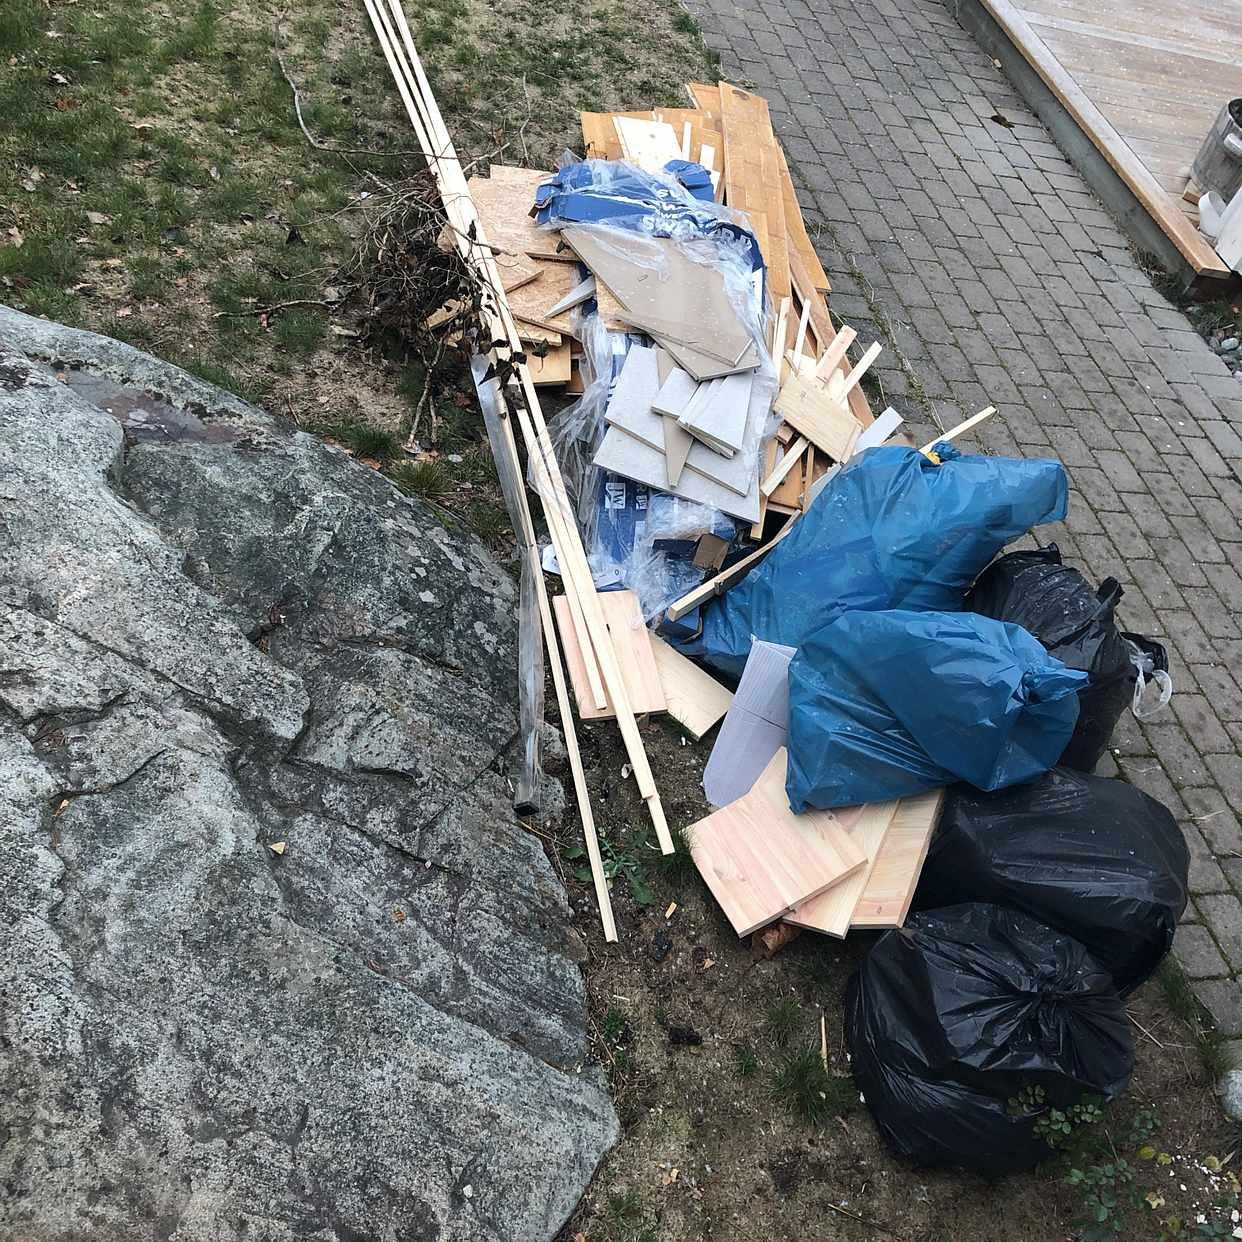 image of Golv, säckar, gips - Saltsjö-Boo